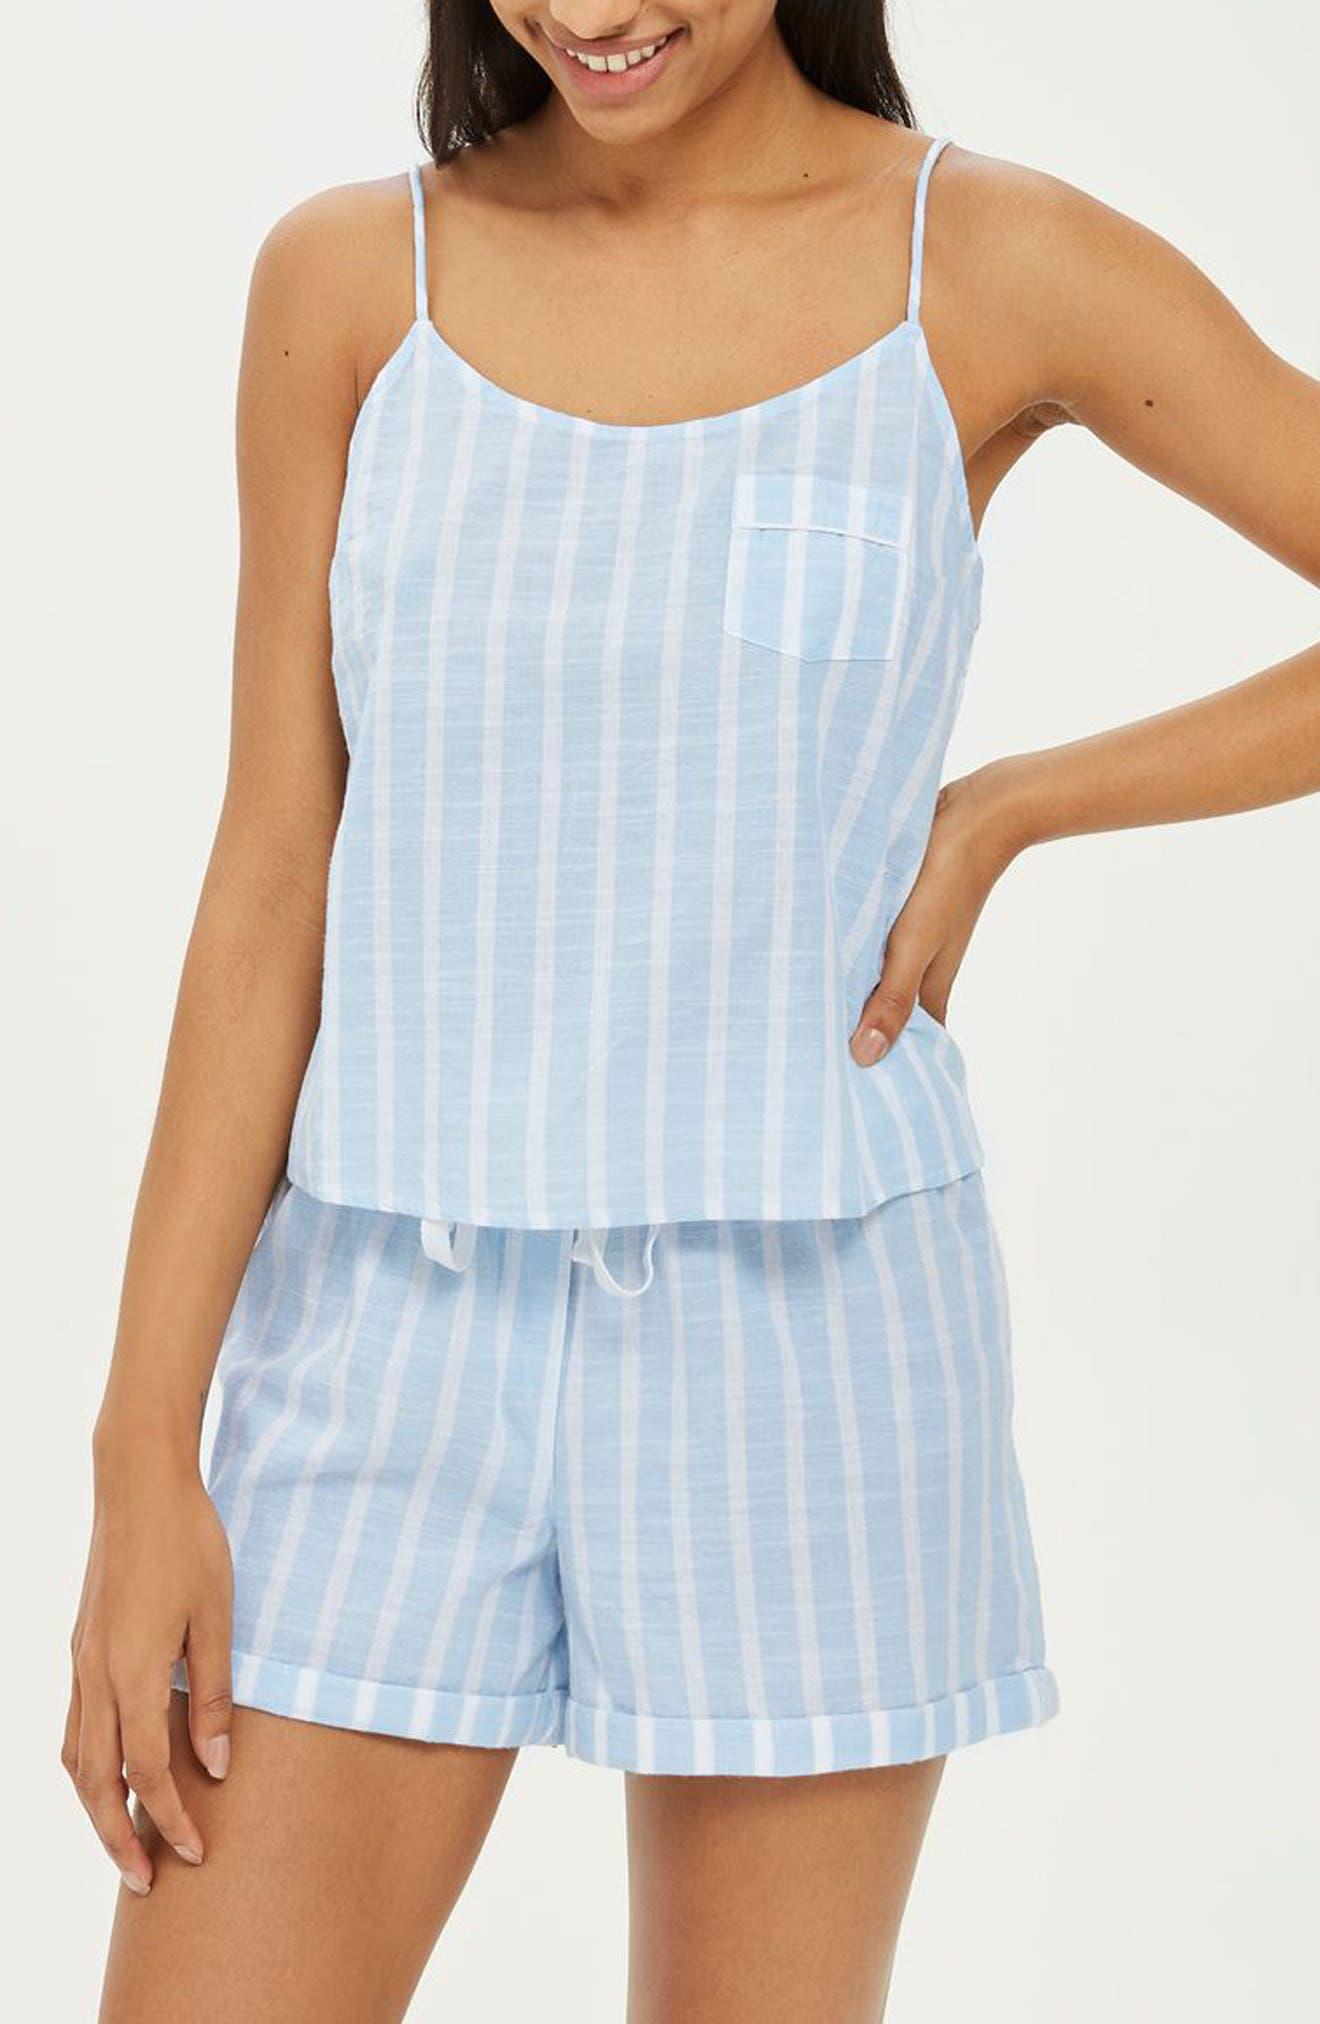 Stripe Camisole Pajama Top,                         Main,                         color, LIGHT BLUE